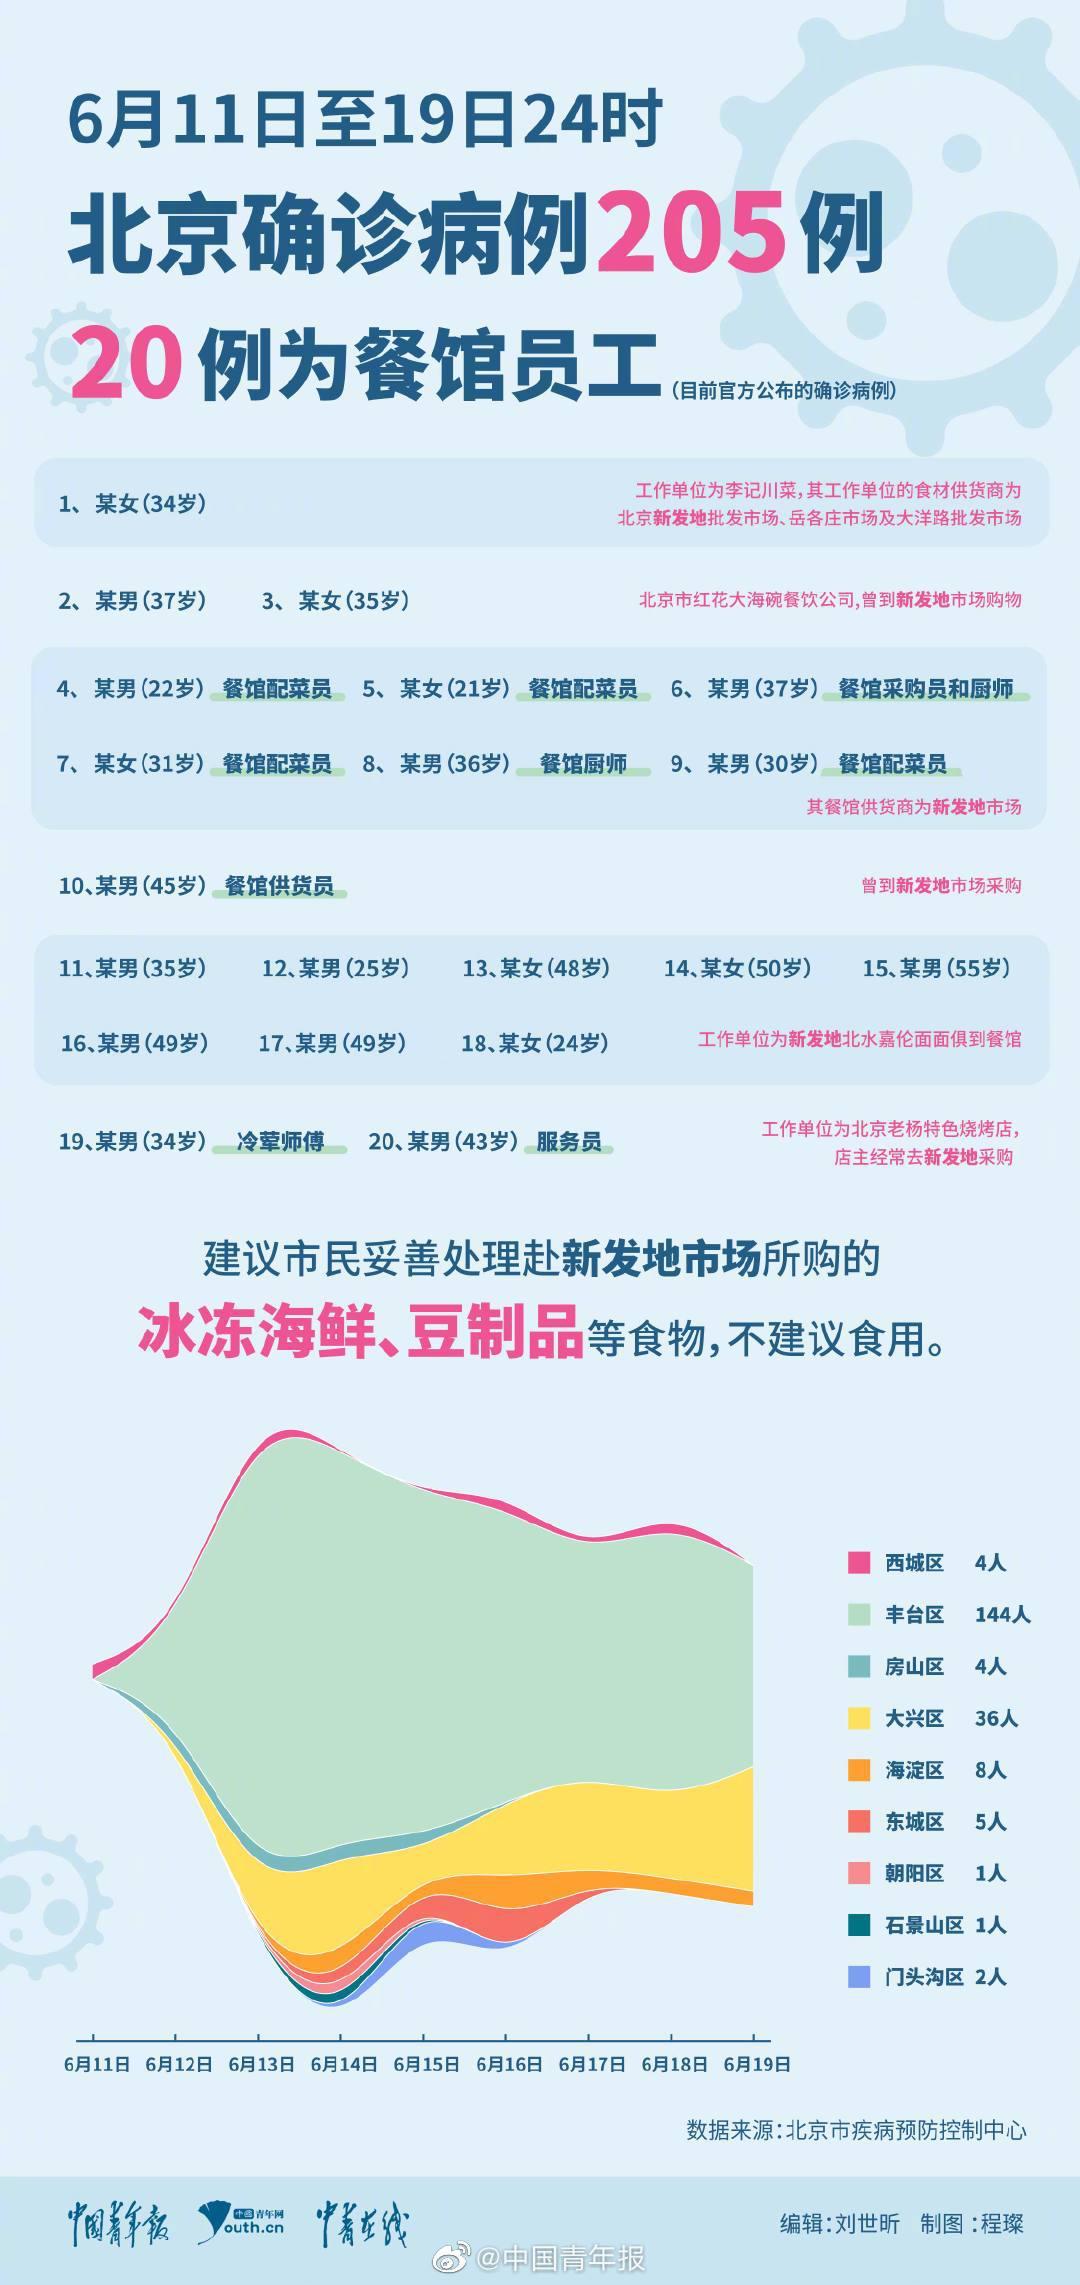 北京9日内新增确诊病例205例 多名餐馆员工确诊图片